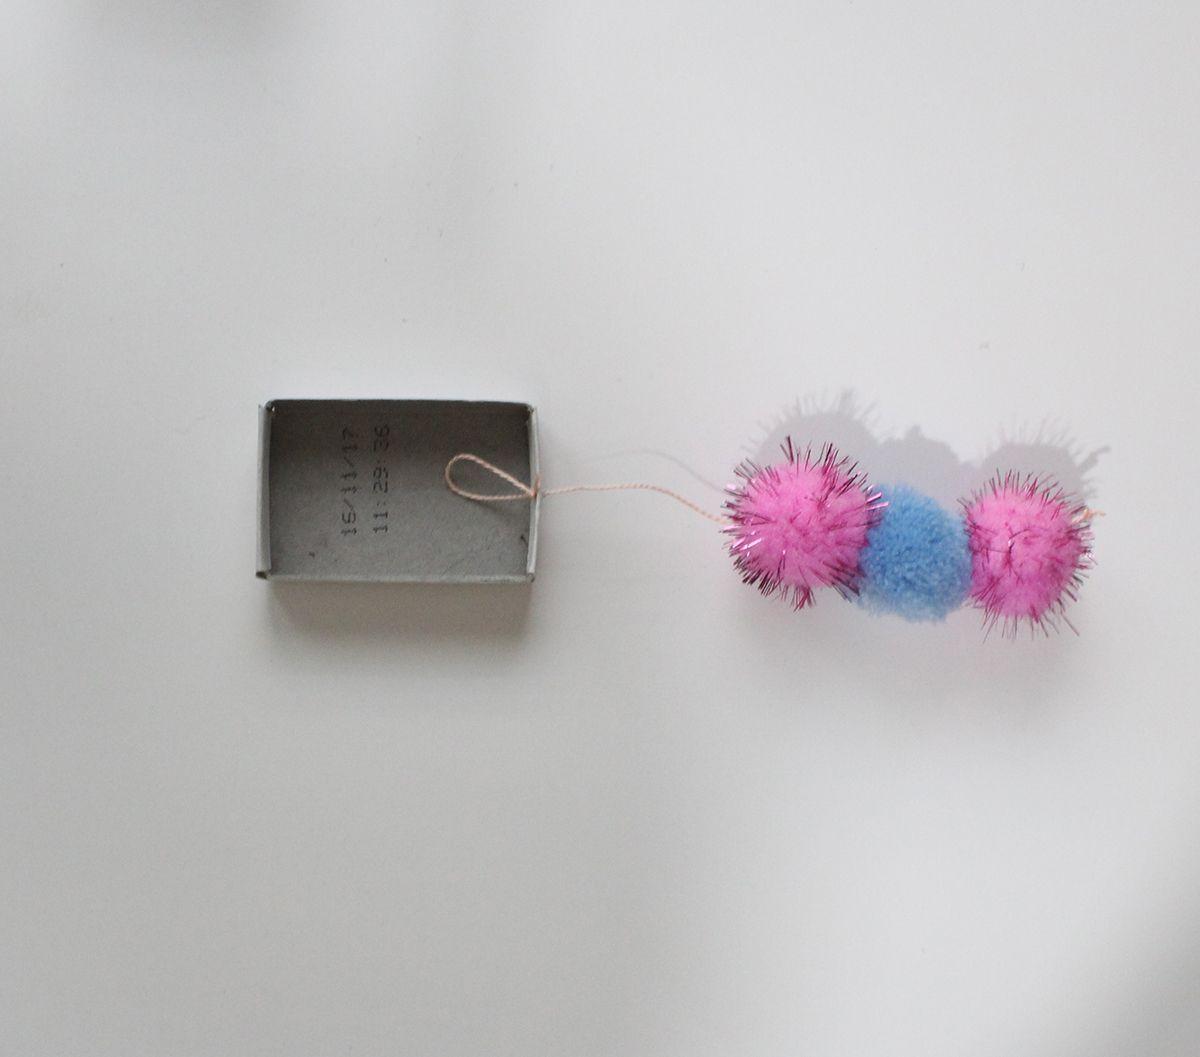 IMG 3884 - יצירת שובך יונים מקופסת גפרורים